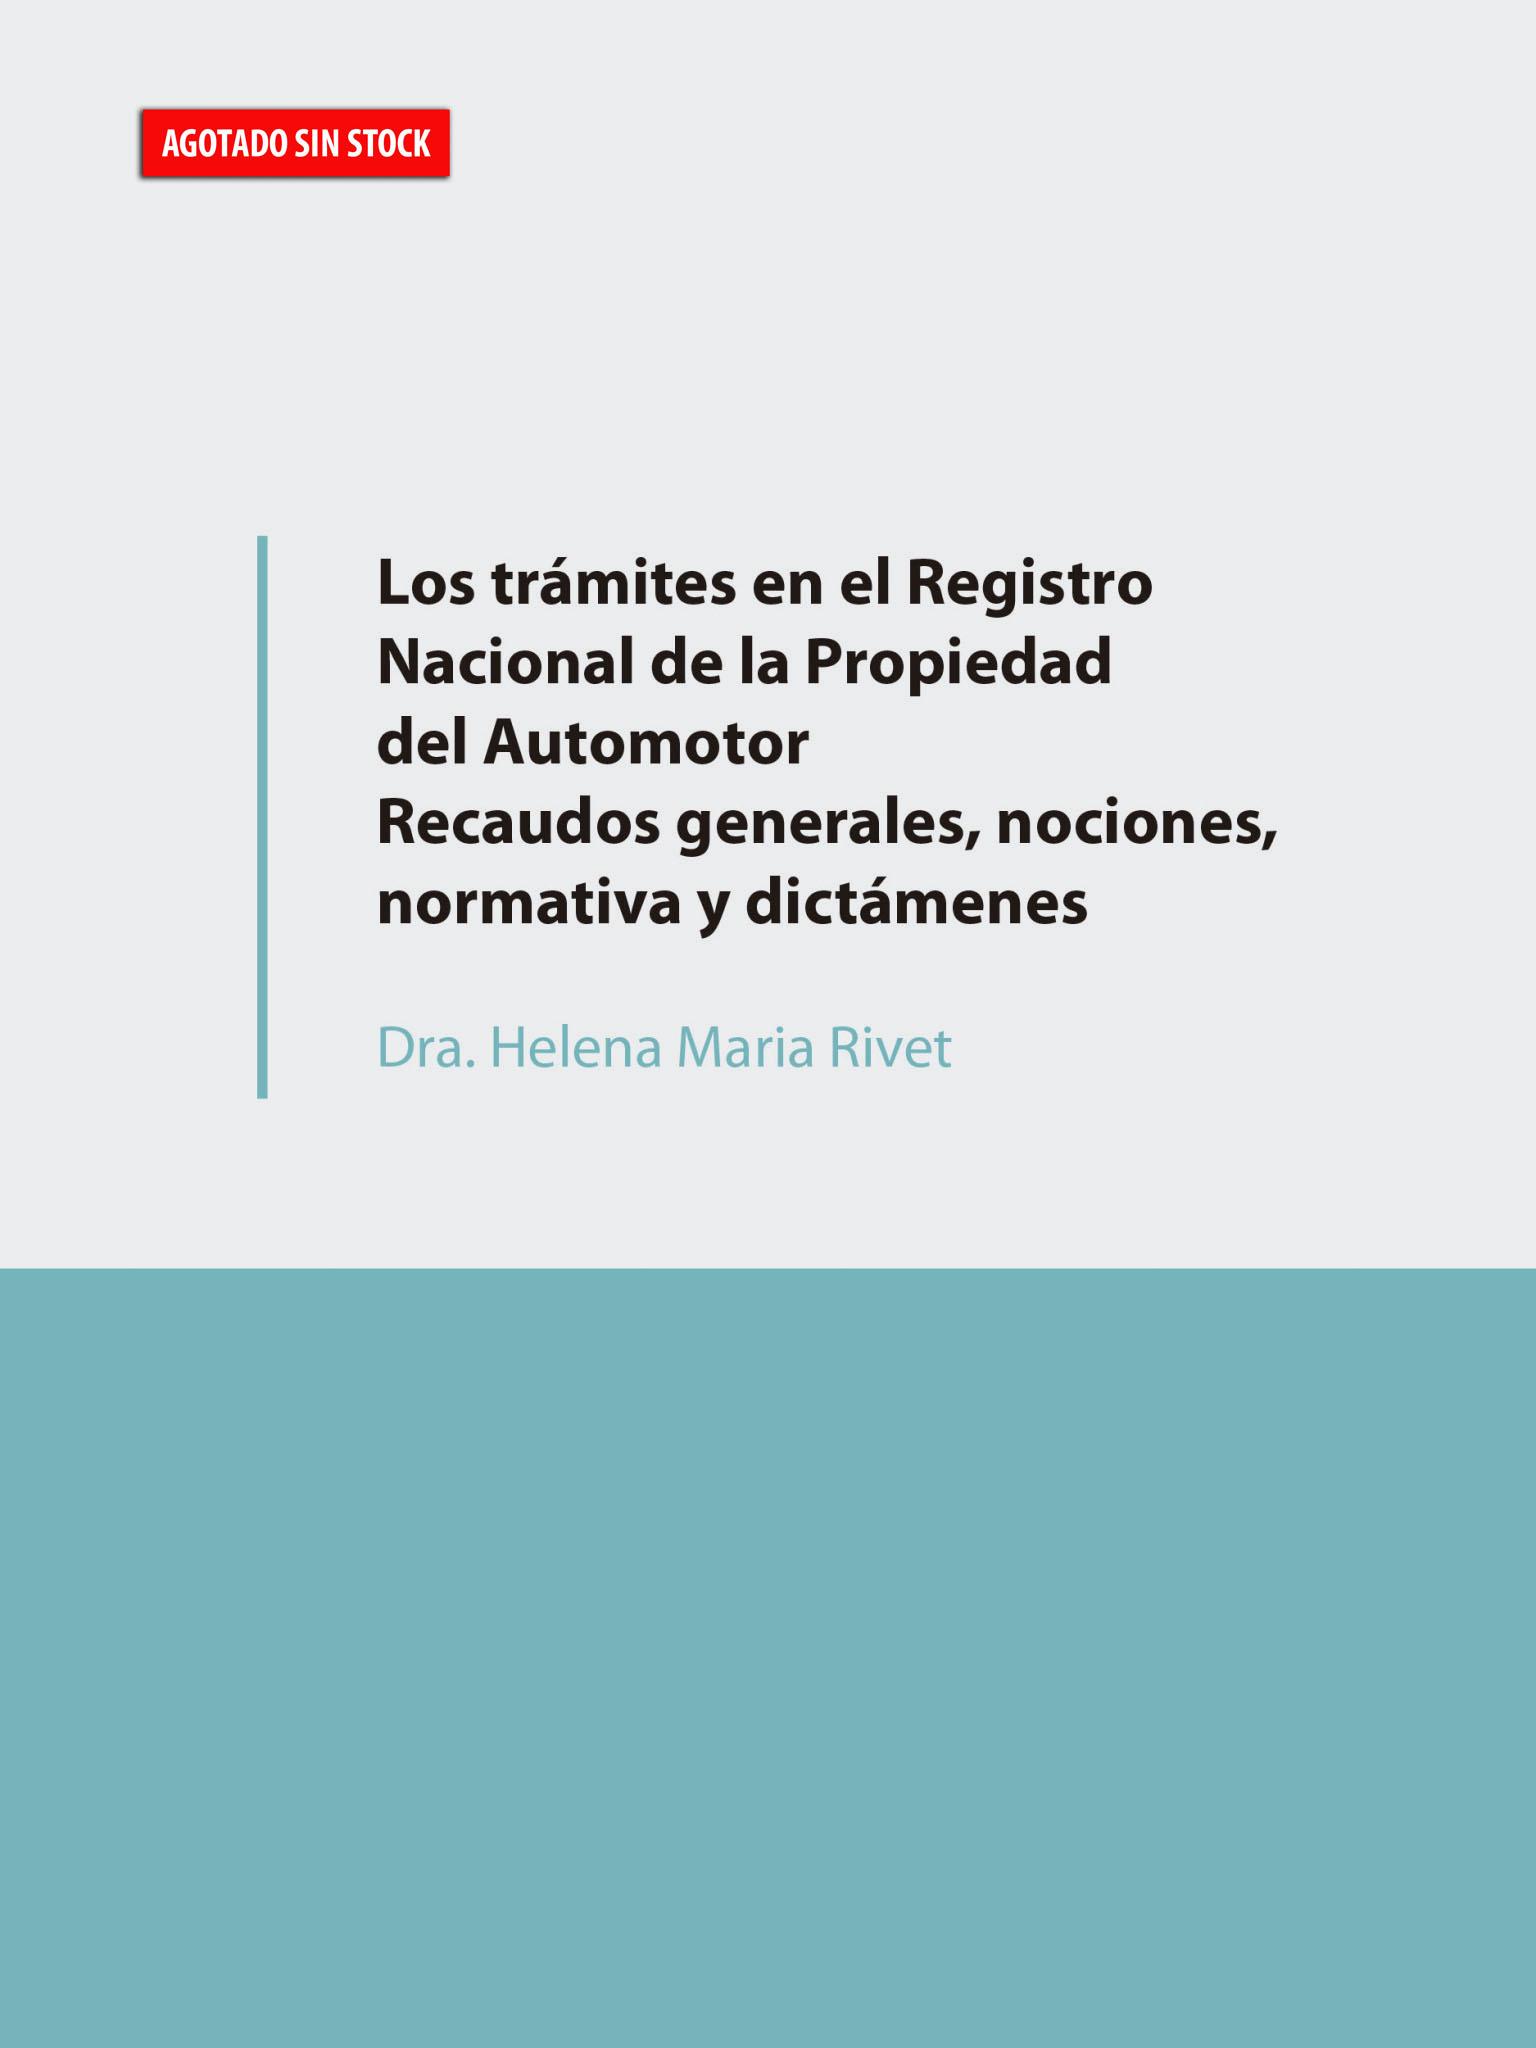 Los trámites en el Registro Nacional de la Propiedad del Automotor